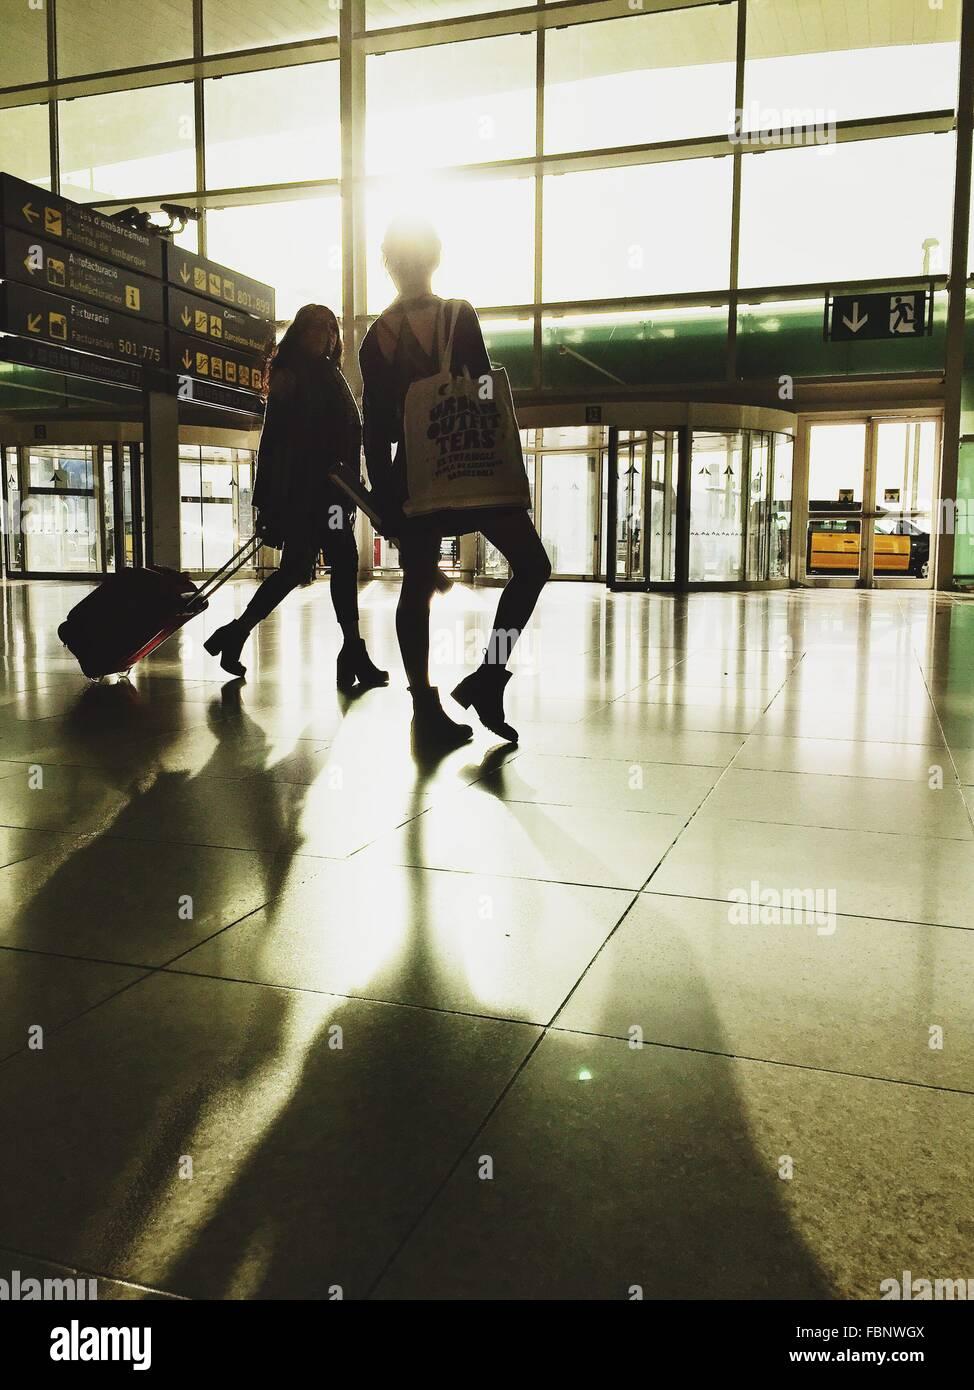 Les femmes de l'ombre sur le sol à l'aéroport Photo Stock